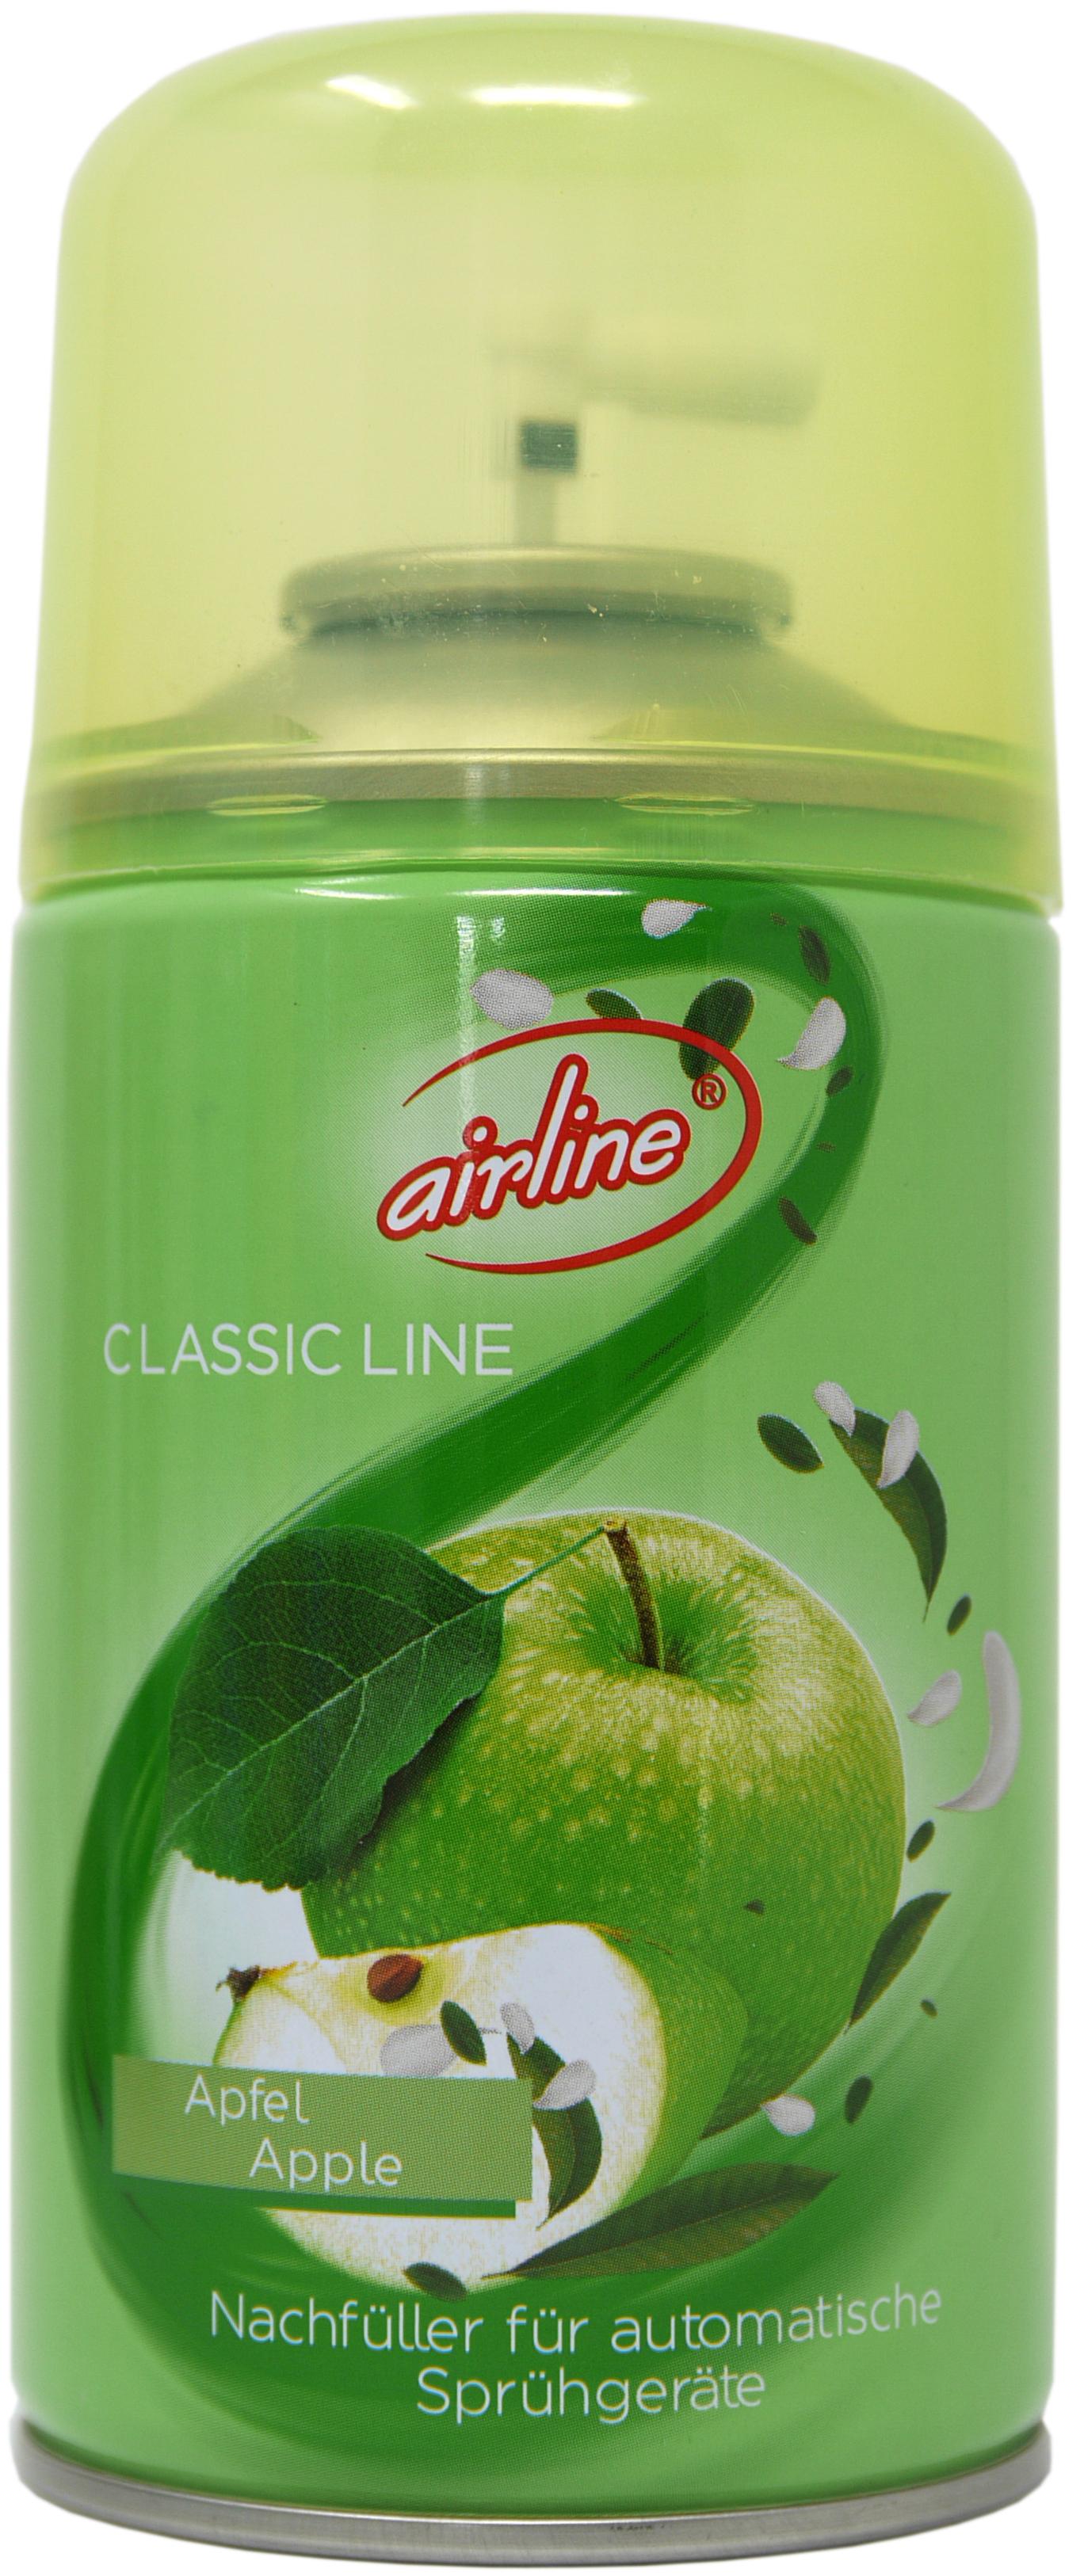 00507 - airline Classic Line Apfel Nachfüllkartusche 250 ml